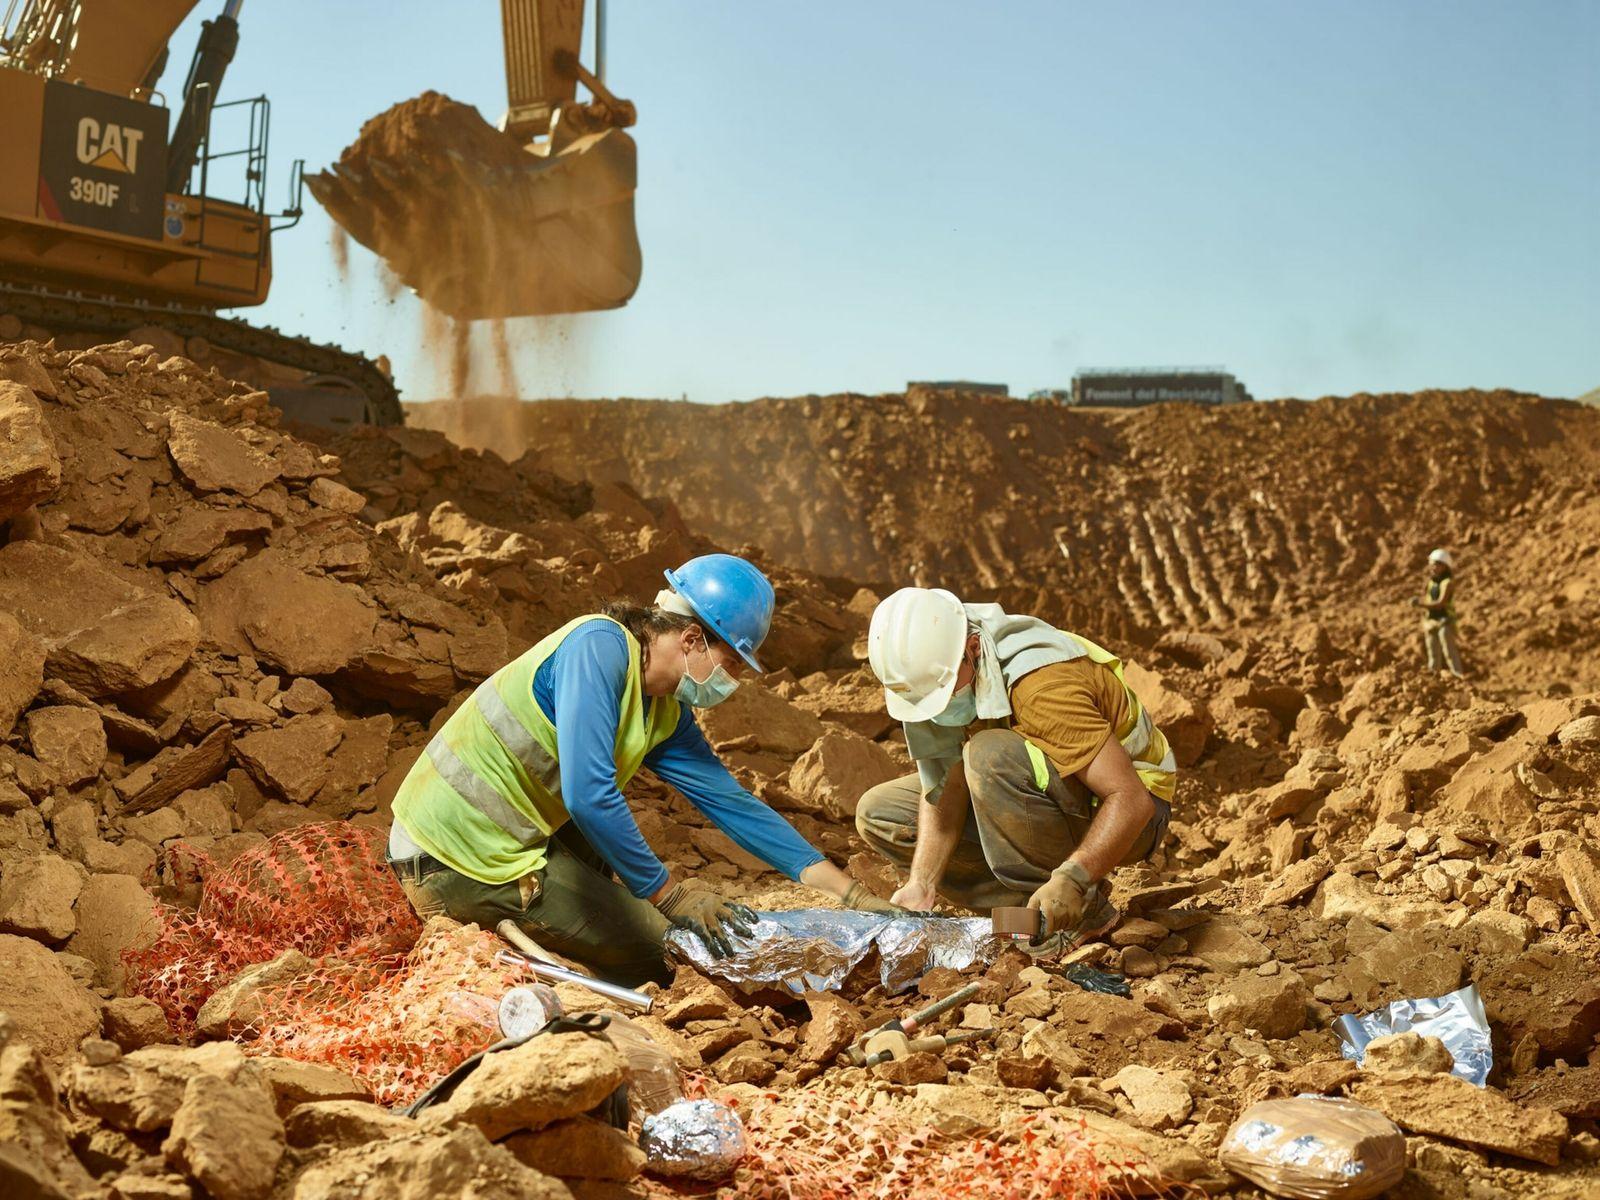 Os inestimáveis fósseis de primatas encontrados em um depósito de lixo